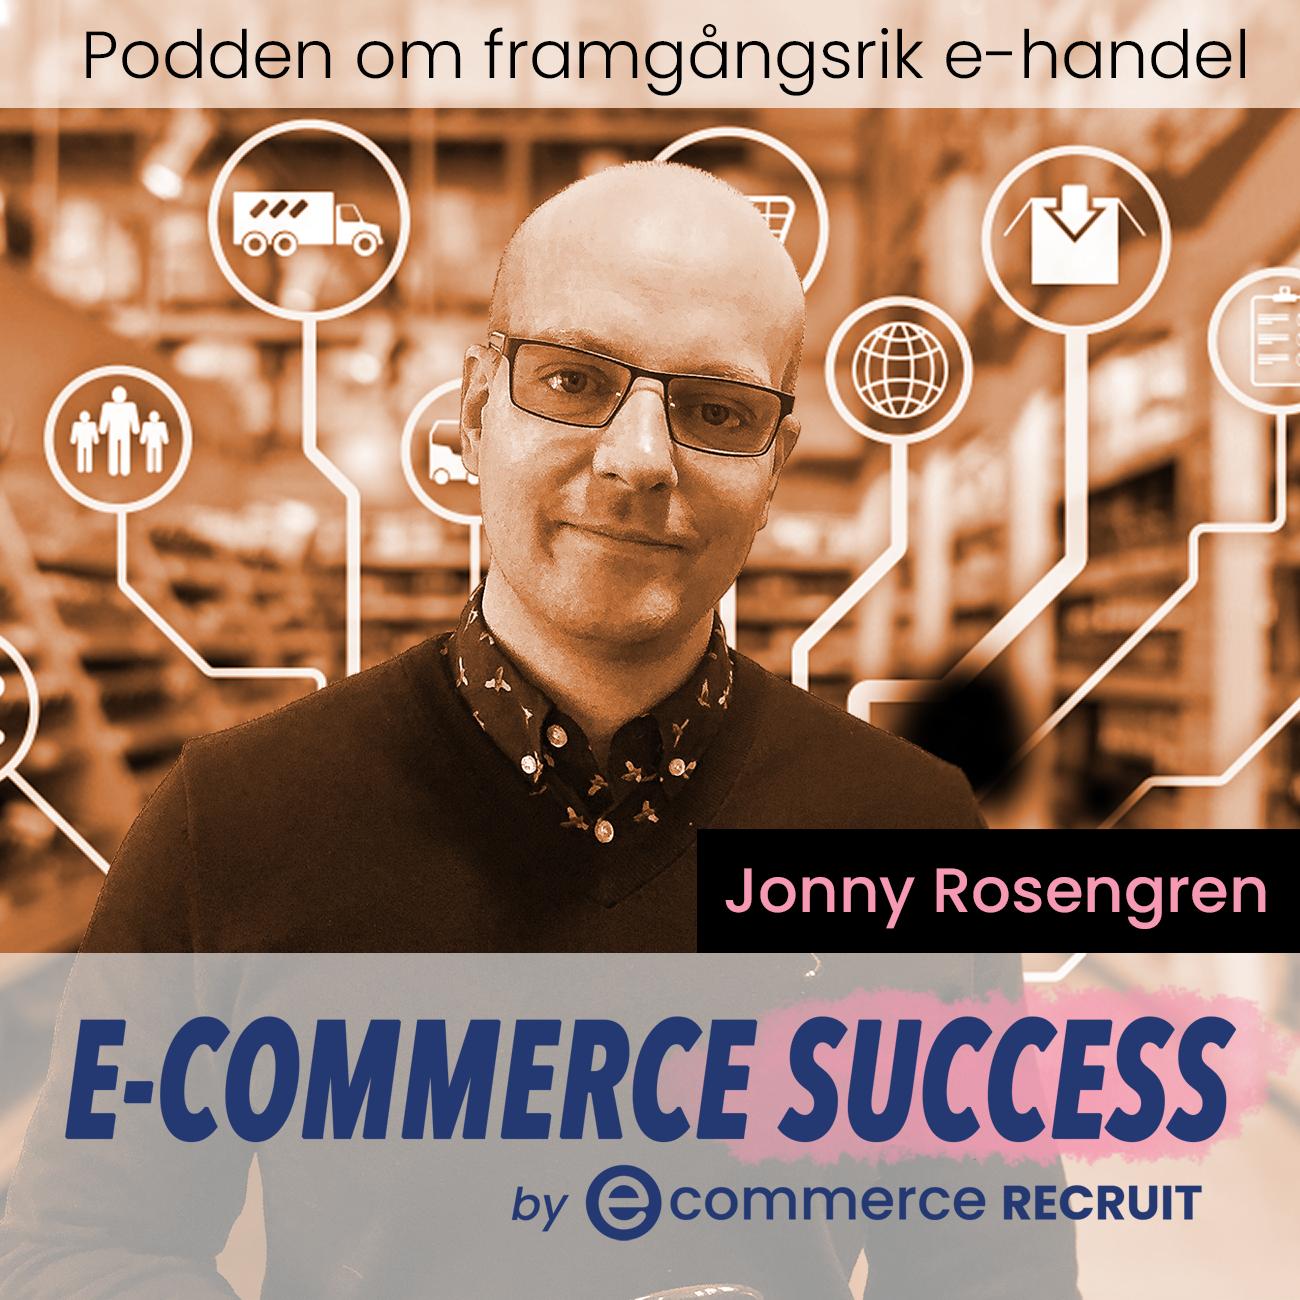 E-commerce Success - podden om framgångsrik e-handel show art